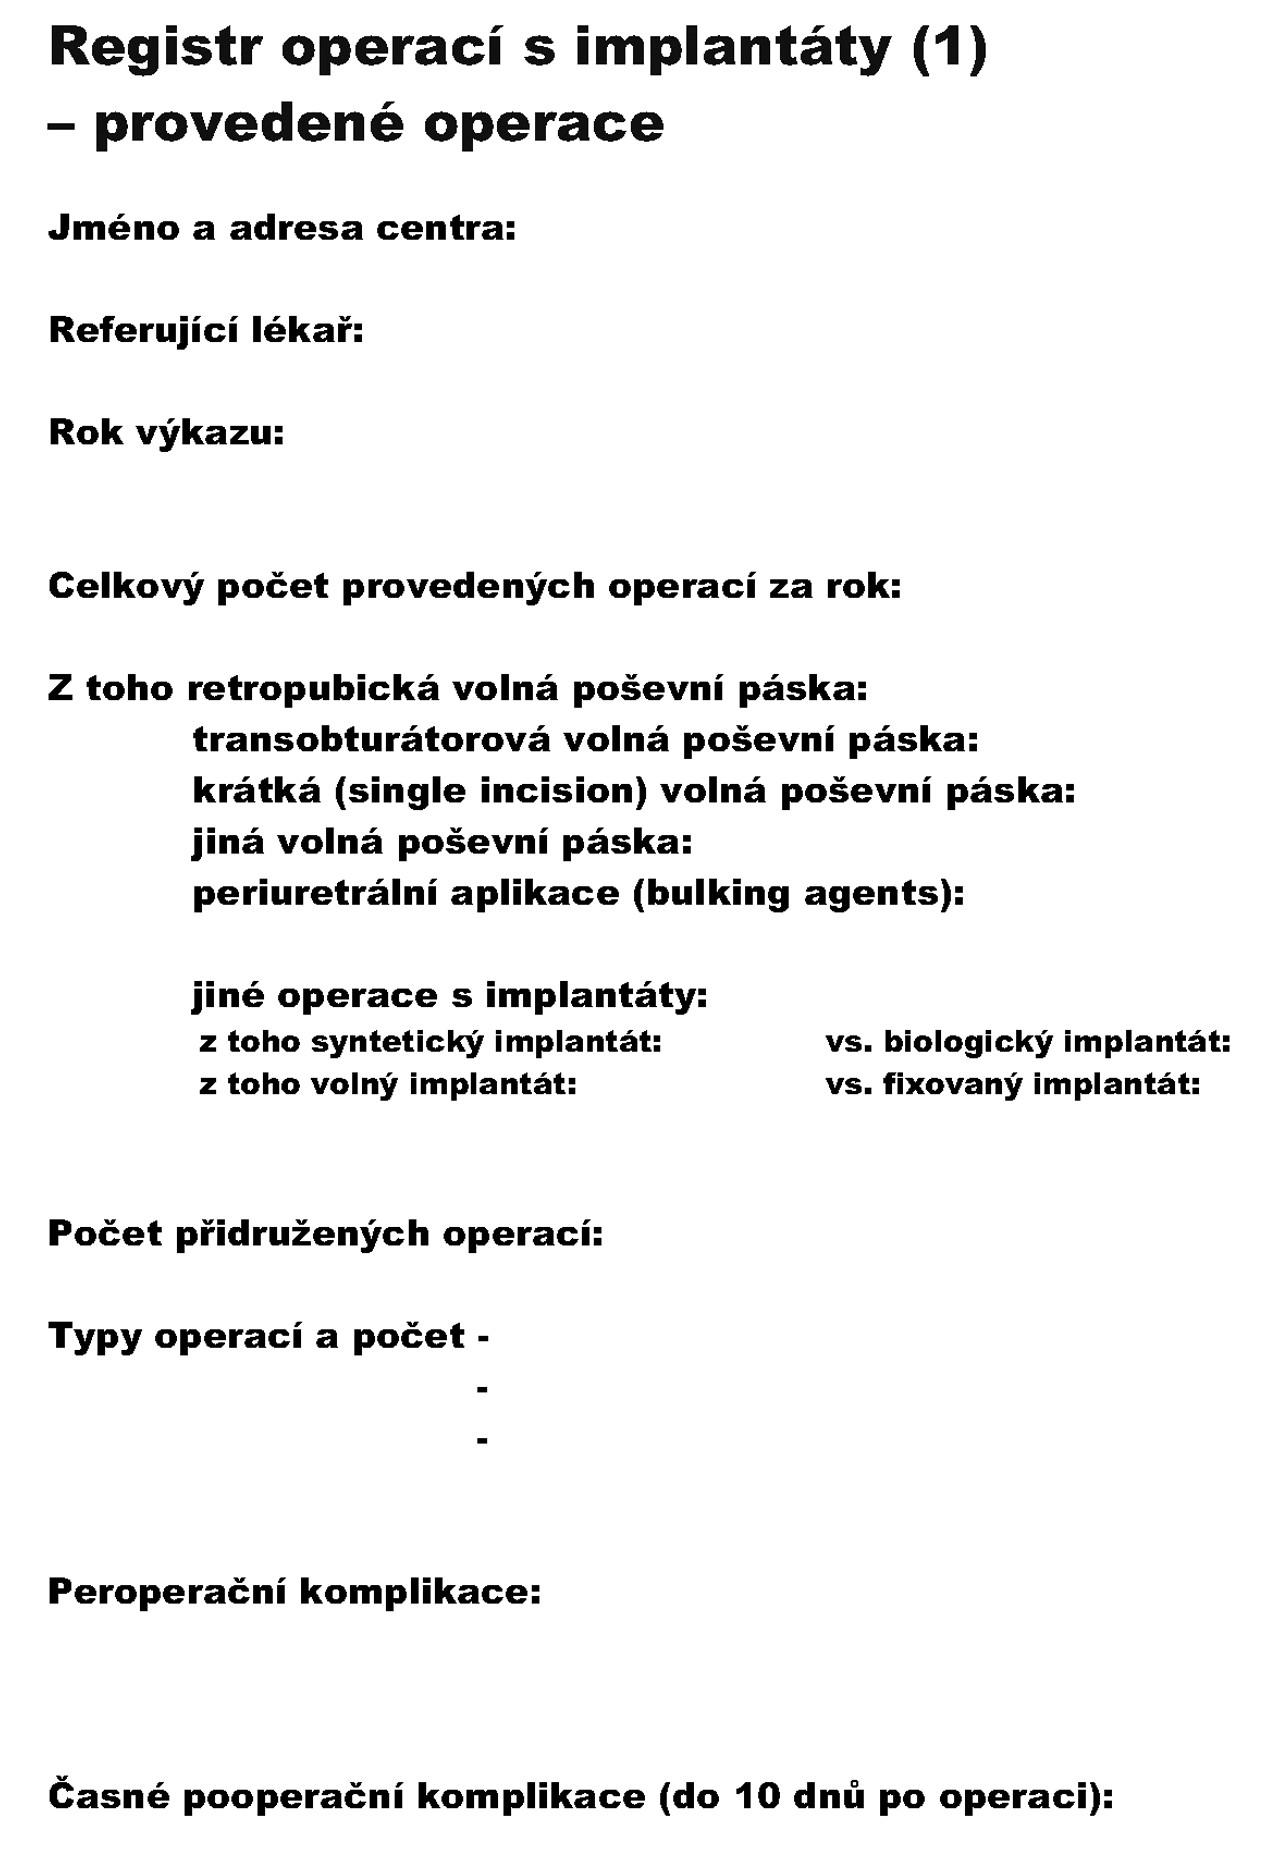 Obr. 1a. Formulář registru používaný ke sběru dat za rok 2008 – 1. strana